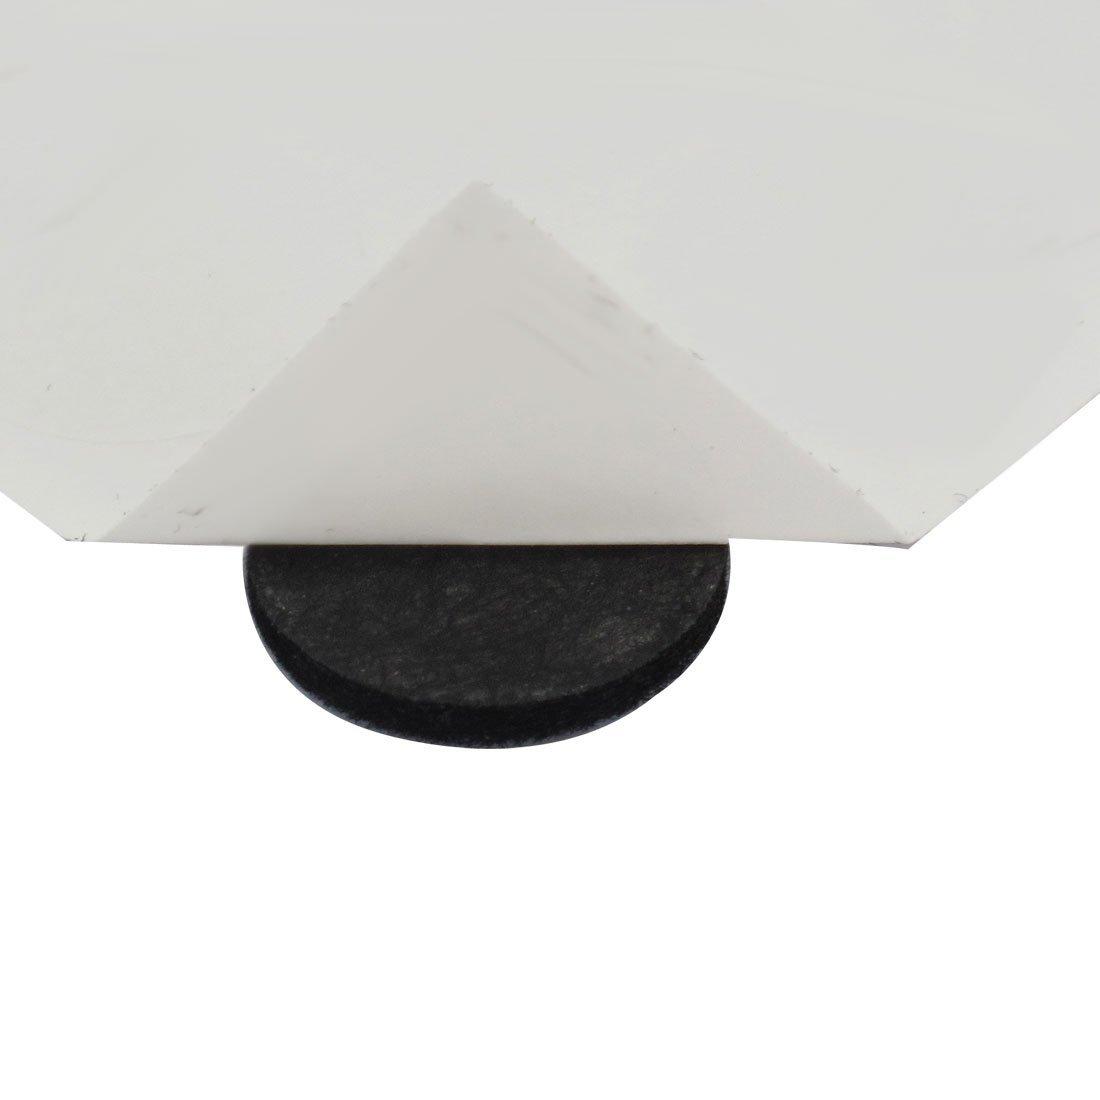 eDealMax Table Ronde Chaise Meubles Coussinets Couverture Protecteur de Plancher 18mm Dia 640pcs Noir